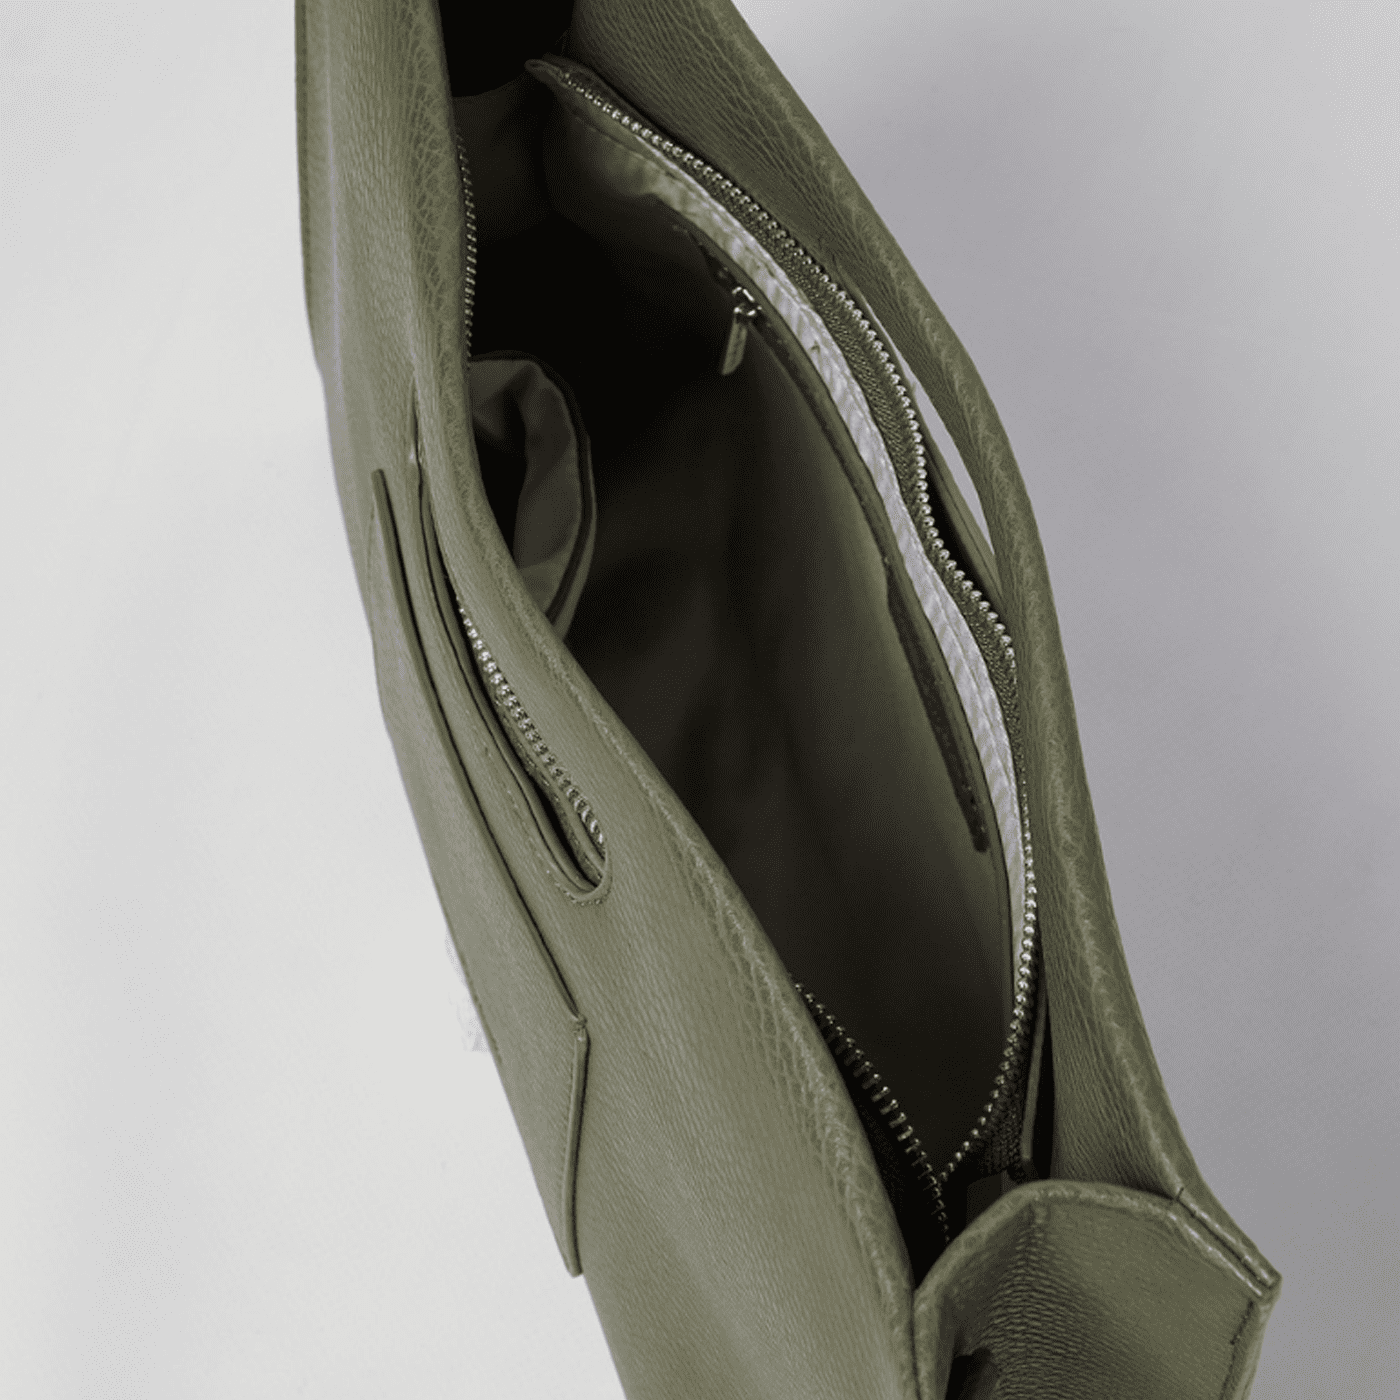 미인 귀리 발효 효소(3g*30포)/국산 귀리/미강/율무/홍천잣이 만난 전통 발효 뷰티 케어 효소 상세이미지4